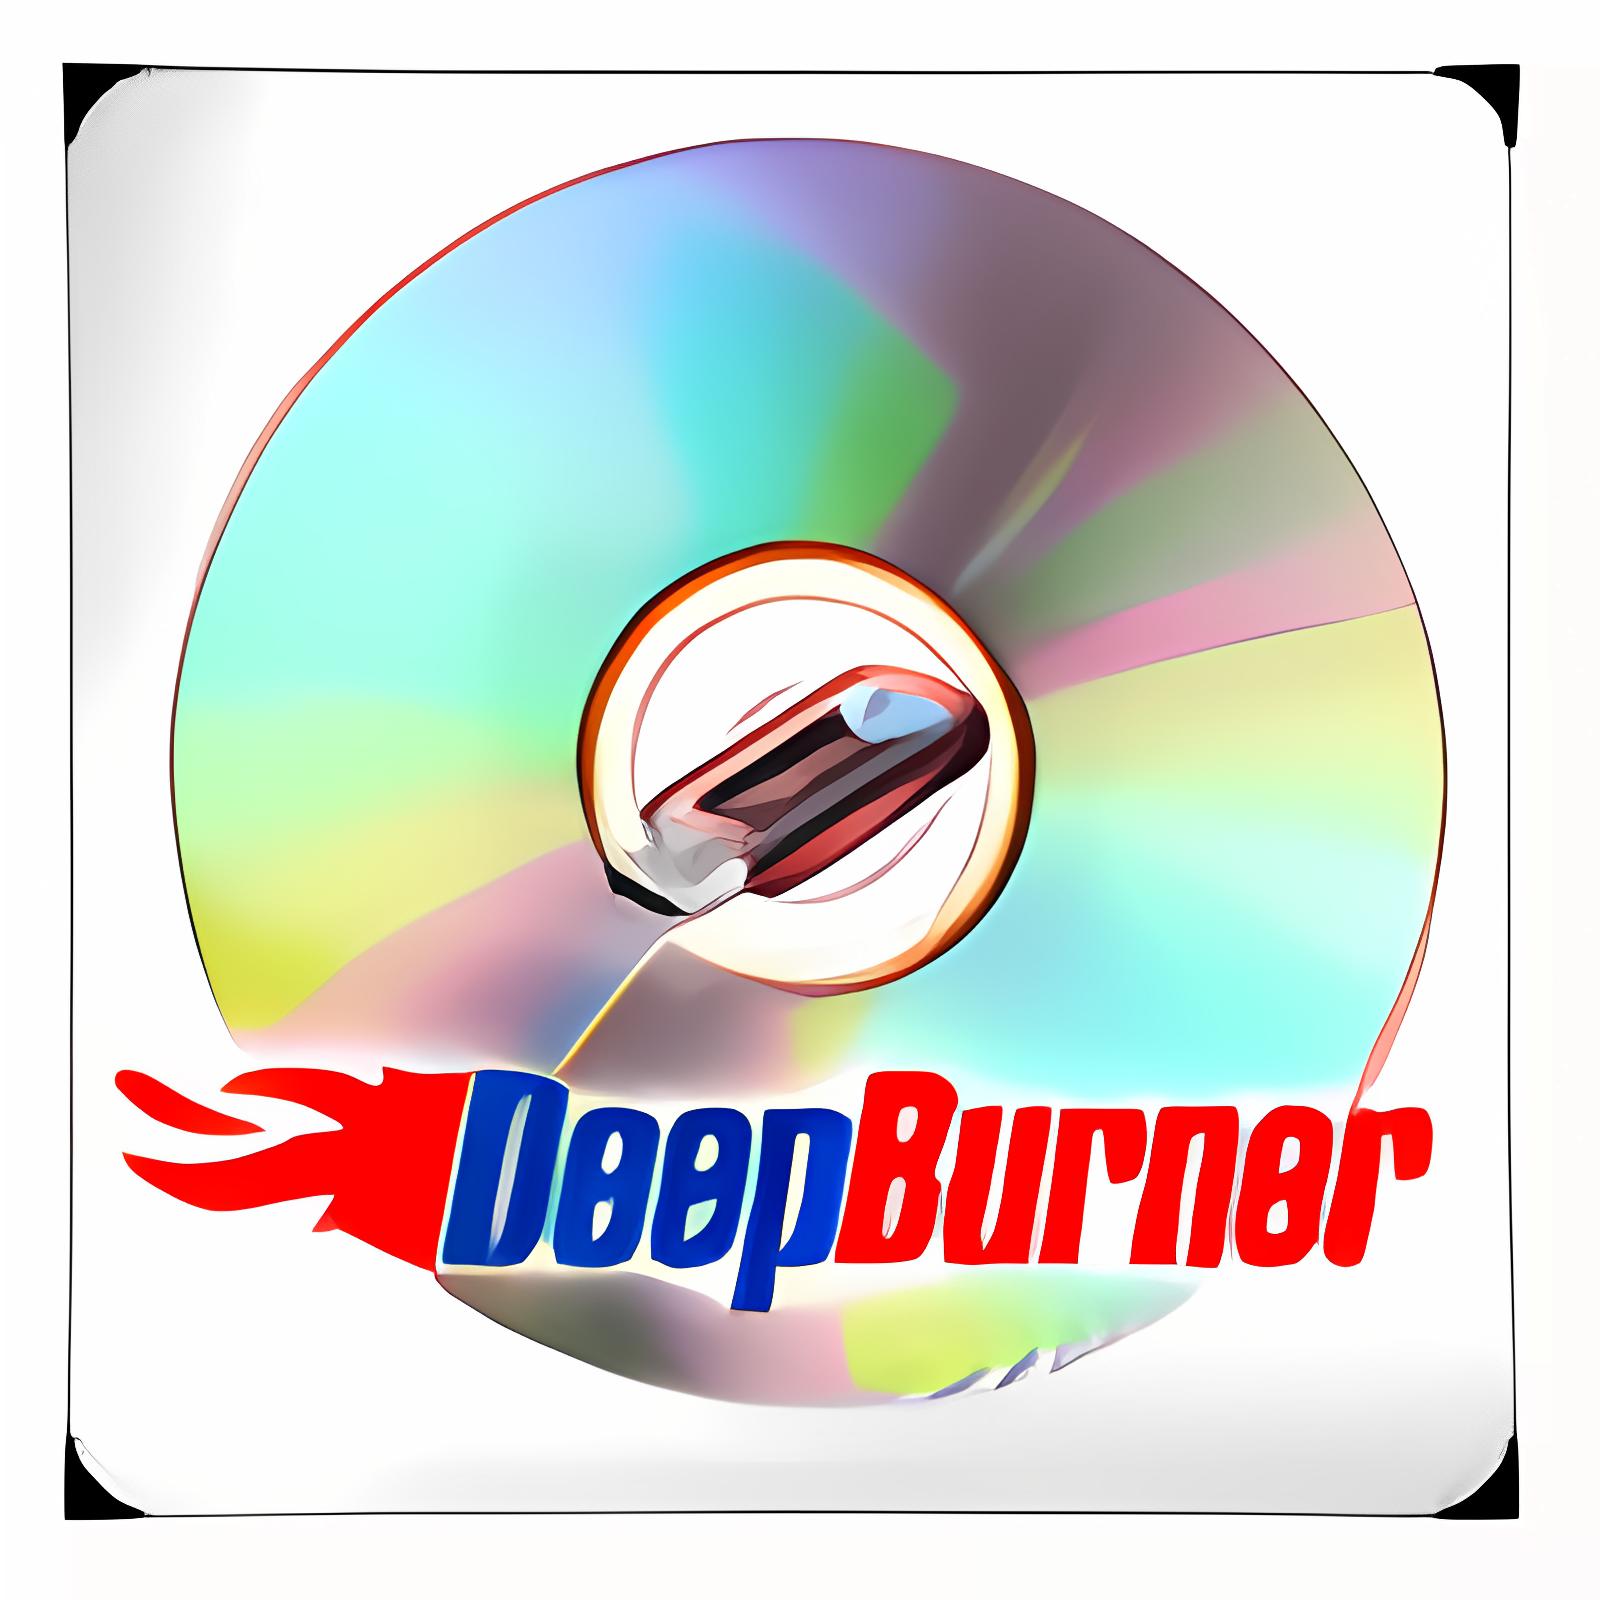 DeepBurner Free Portable